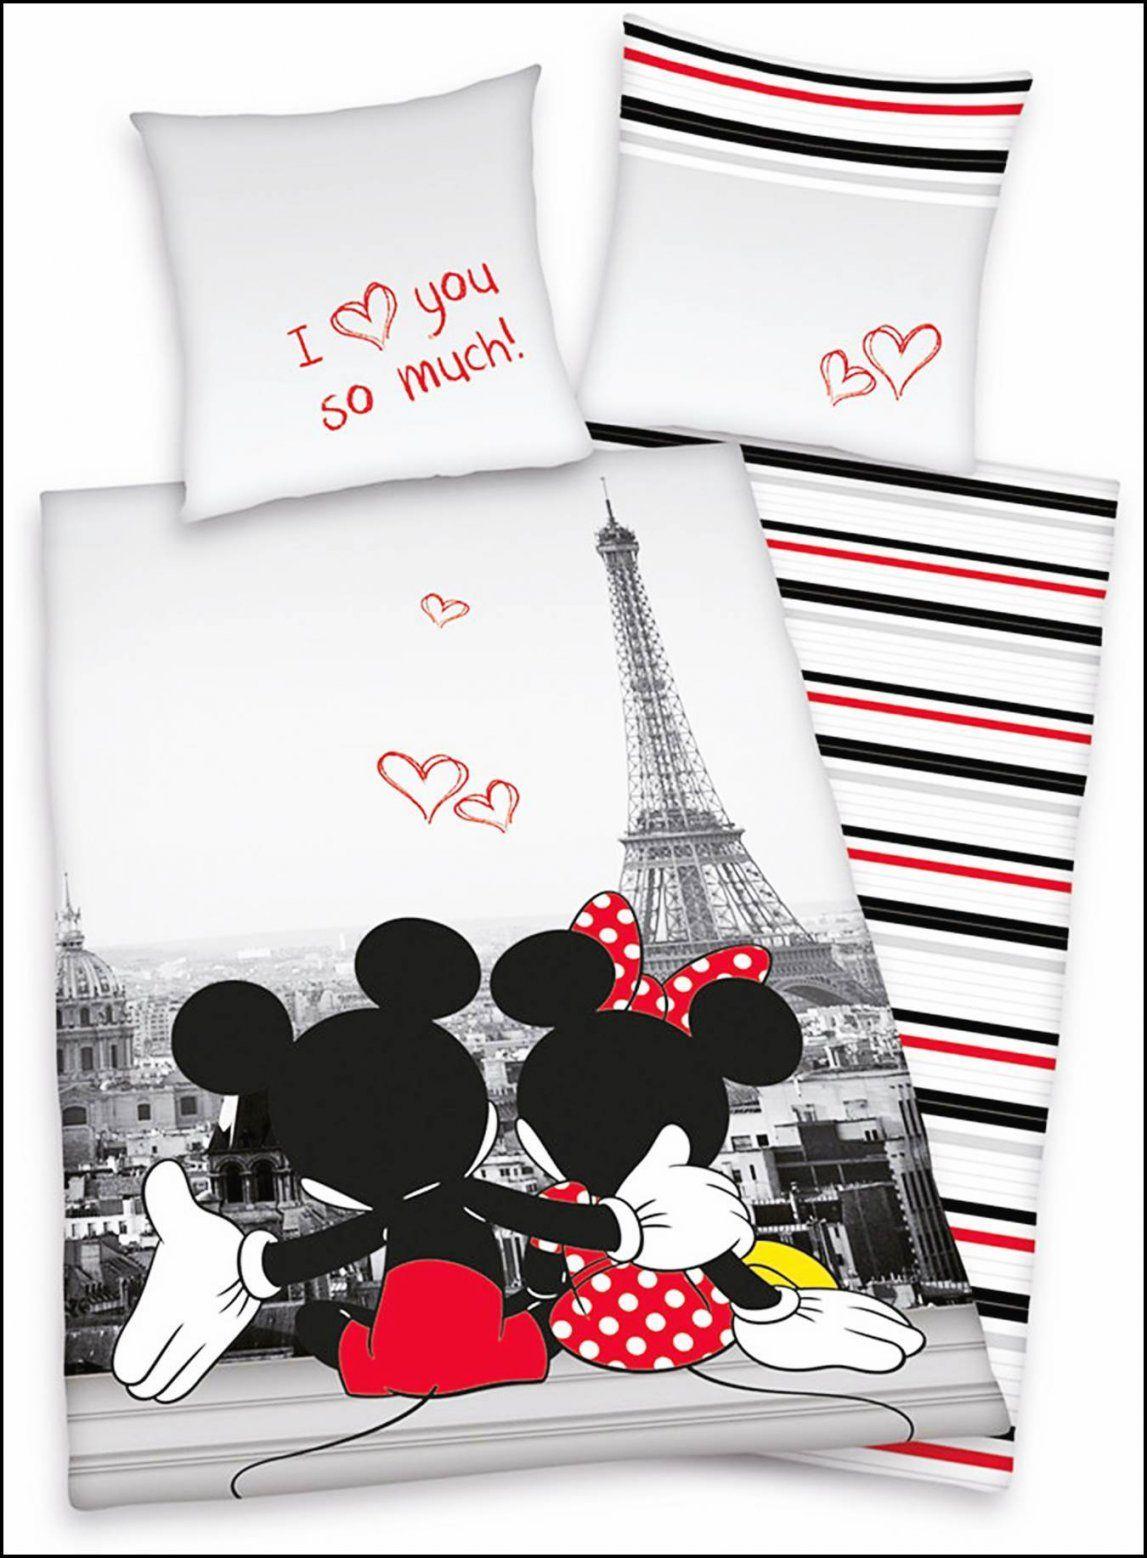 Mickey Mouse Bettwäsche 100X135  Ideen Für Zuhause von Mickey Mouse Bettwäsche 100X135 Bild